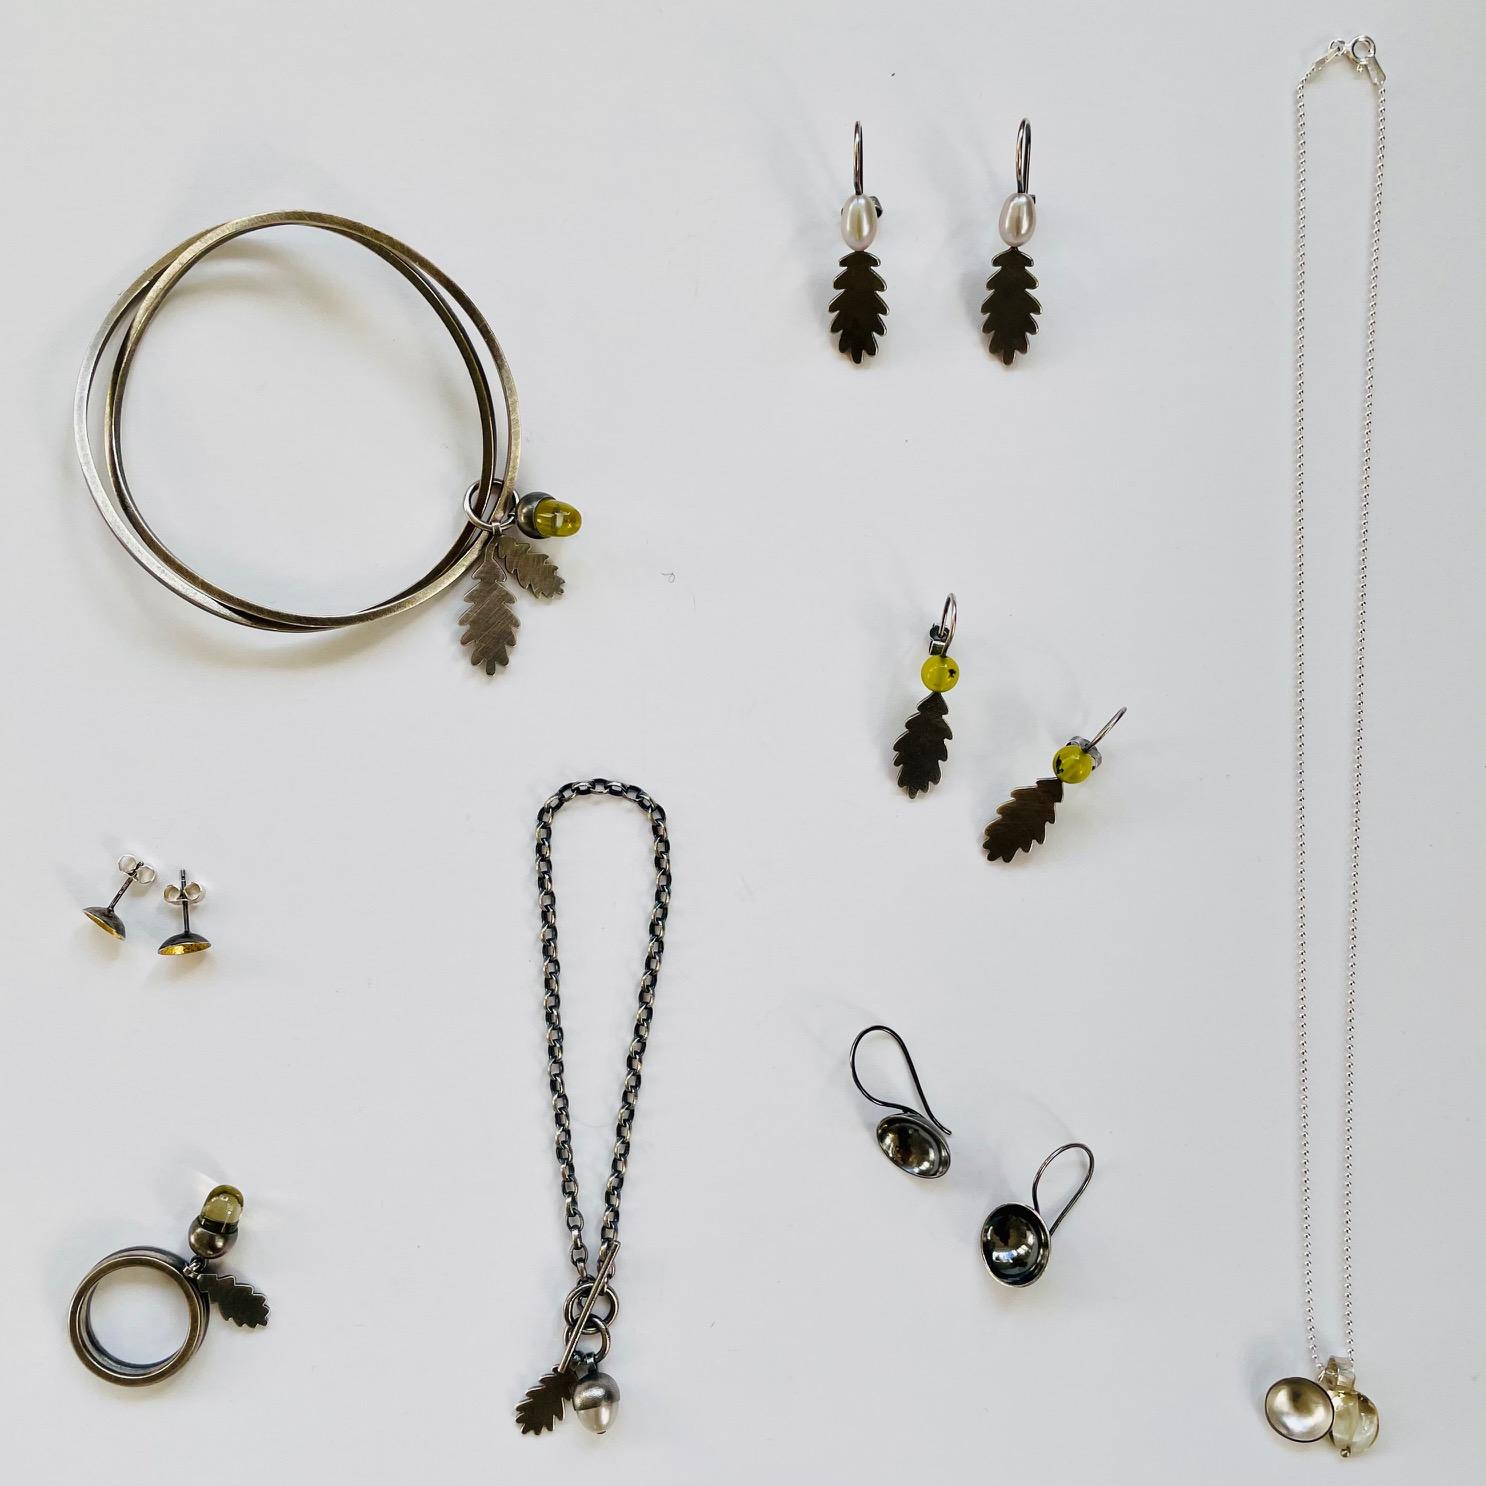 Double wave silver and jasper bracelet by Suzane Potter of Potter Siskin Jewellery